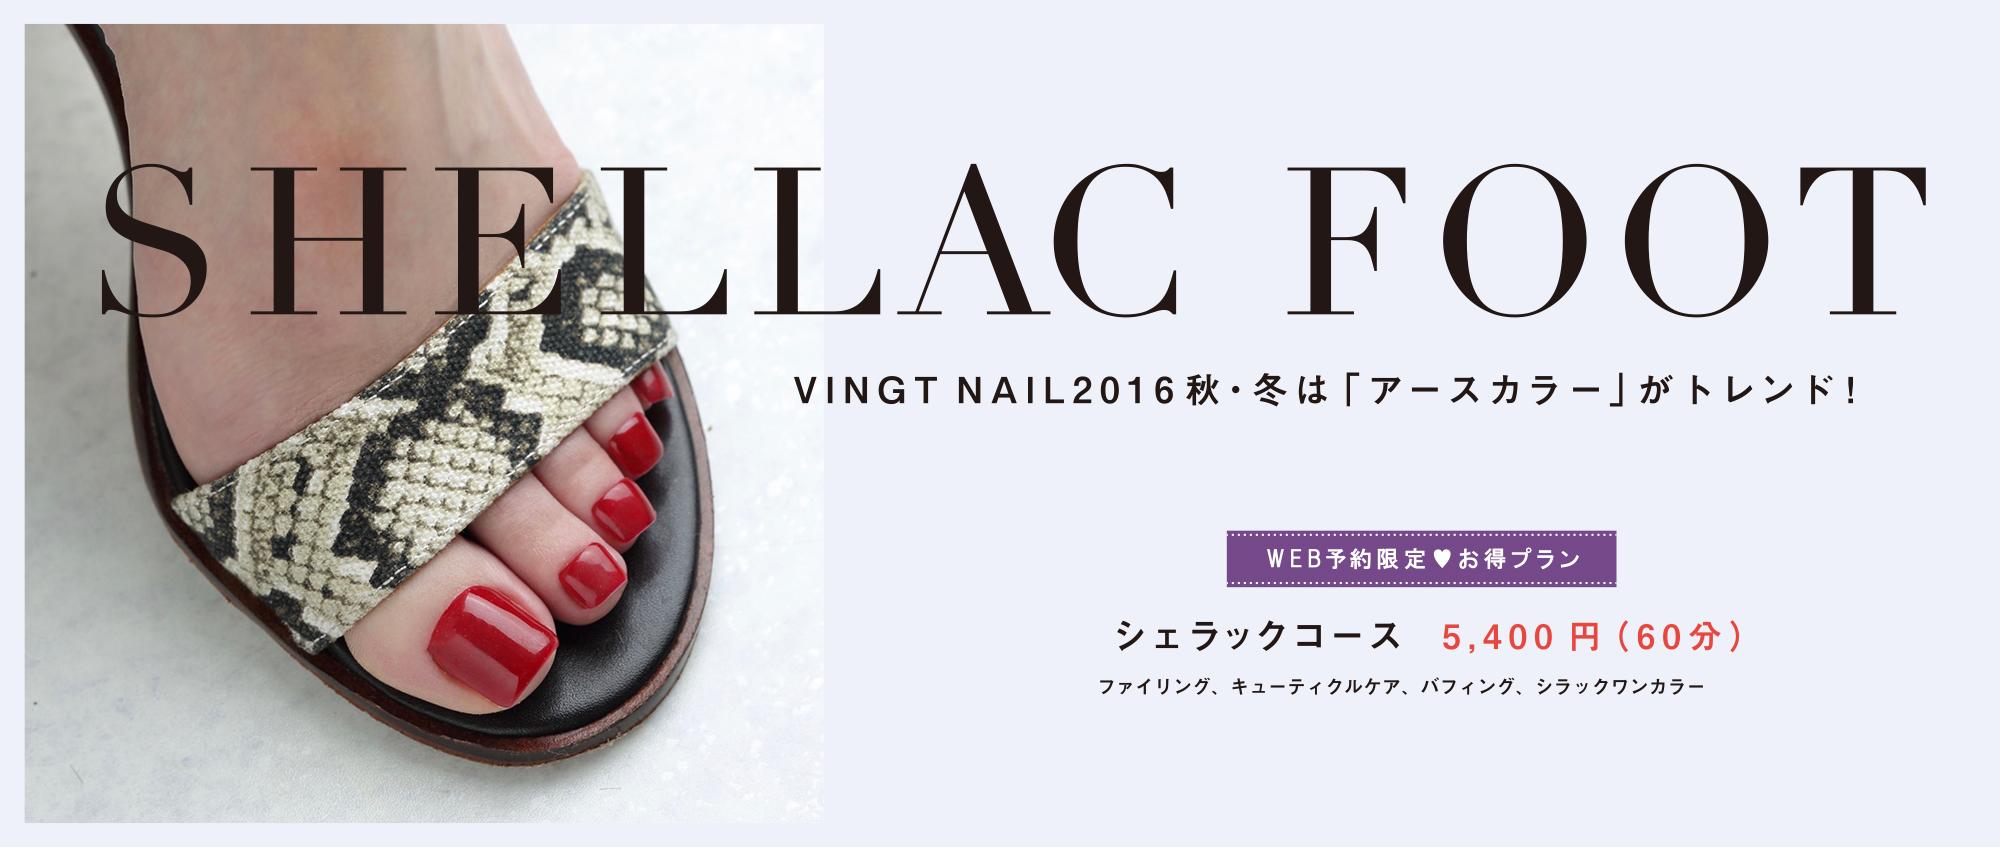 青山のネイルサロン VINGT NAIL 2016秋冬はアースカラーがトレンド!